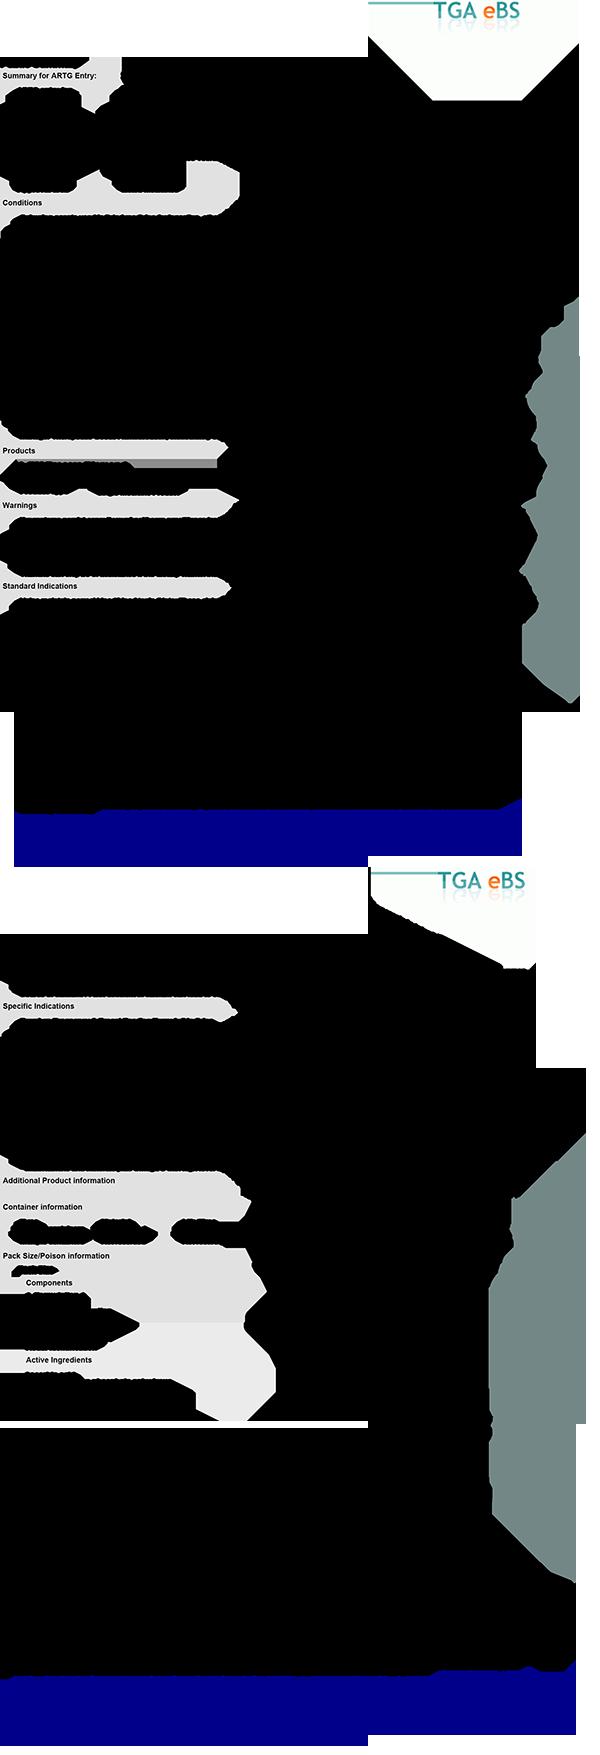 Đăng ký sản phẩm thuốc Procare tại TGA - Australia (Cơ quan quản lý dược phẩm tại Úc) 2